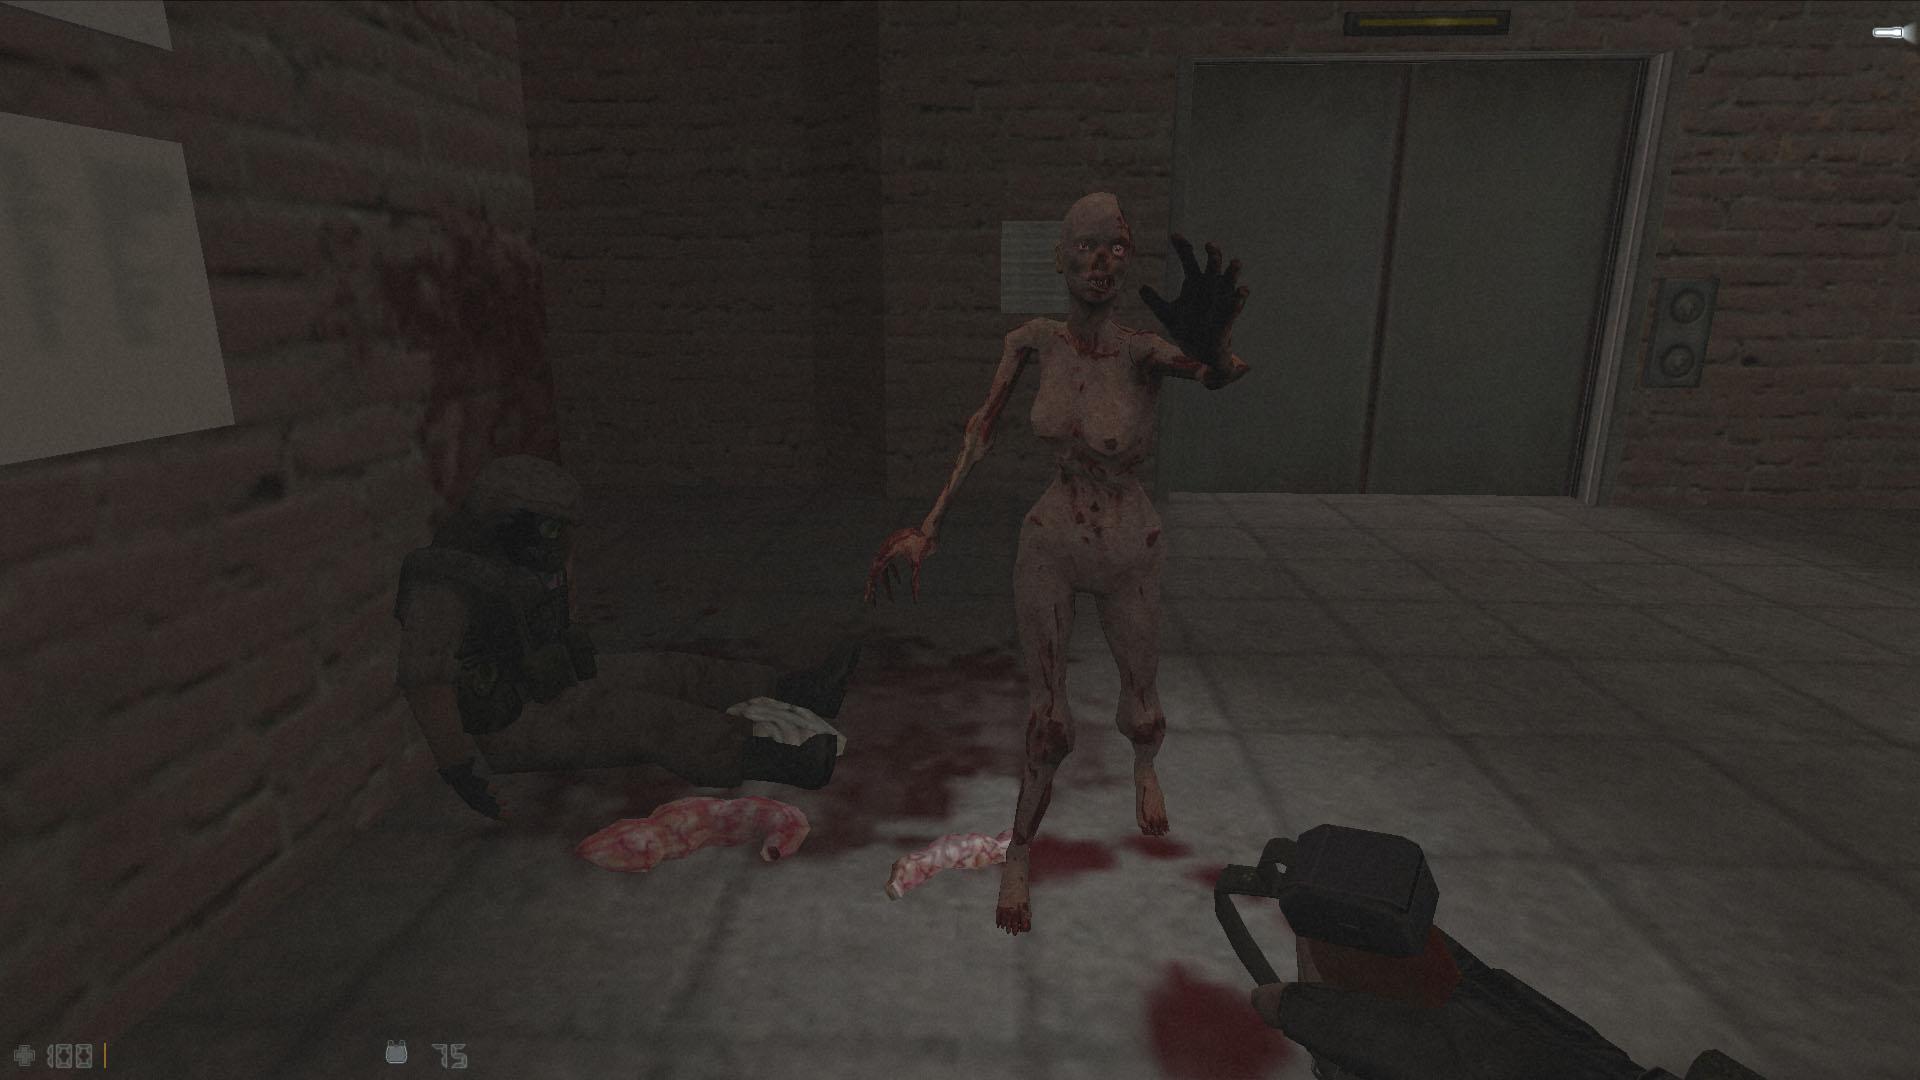 b1m10002.jpg - Half-Life